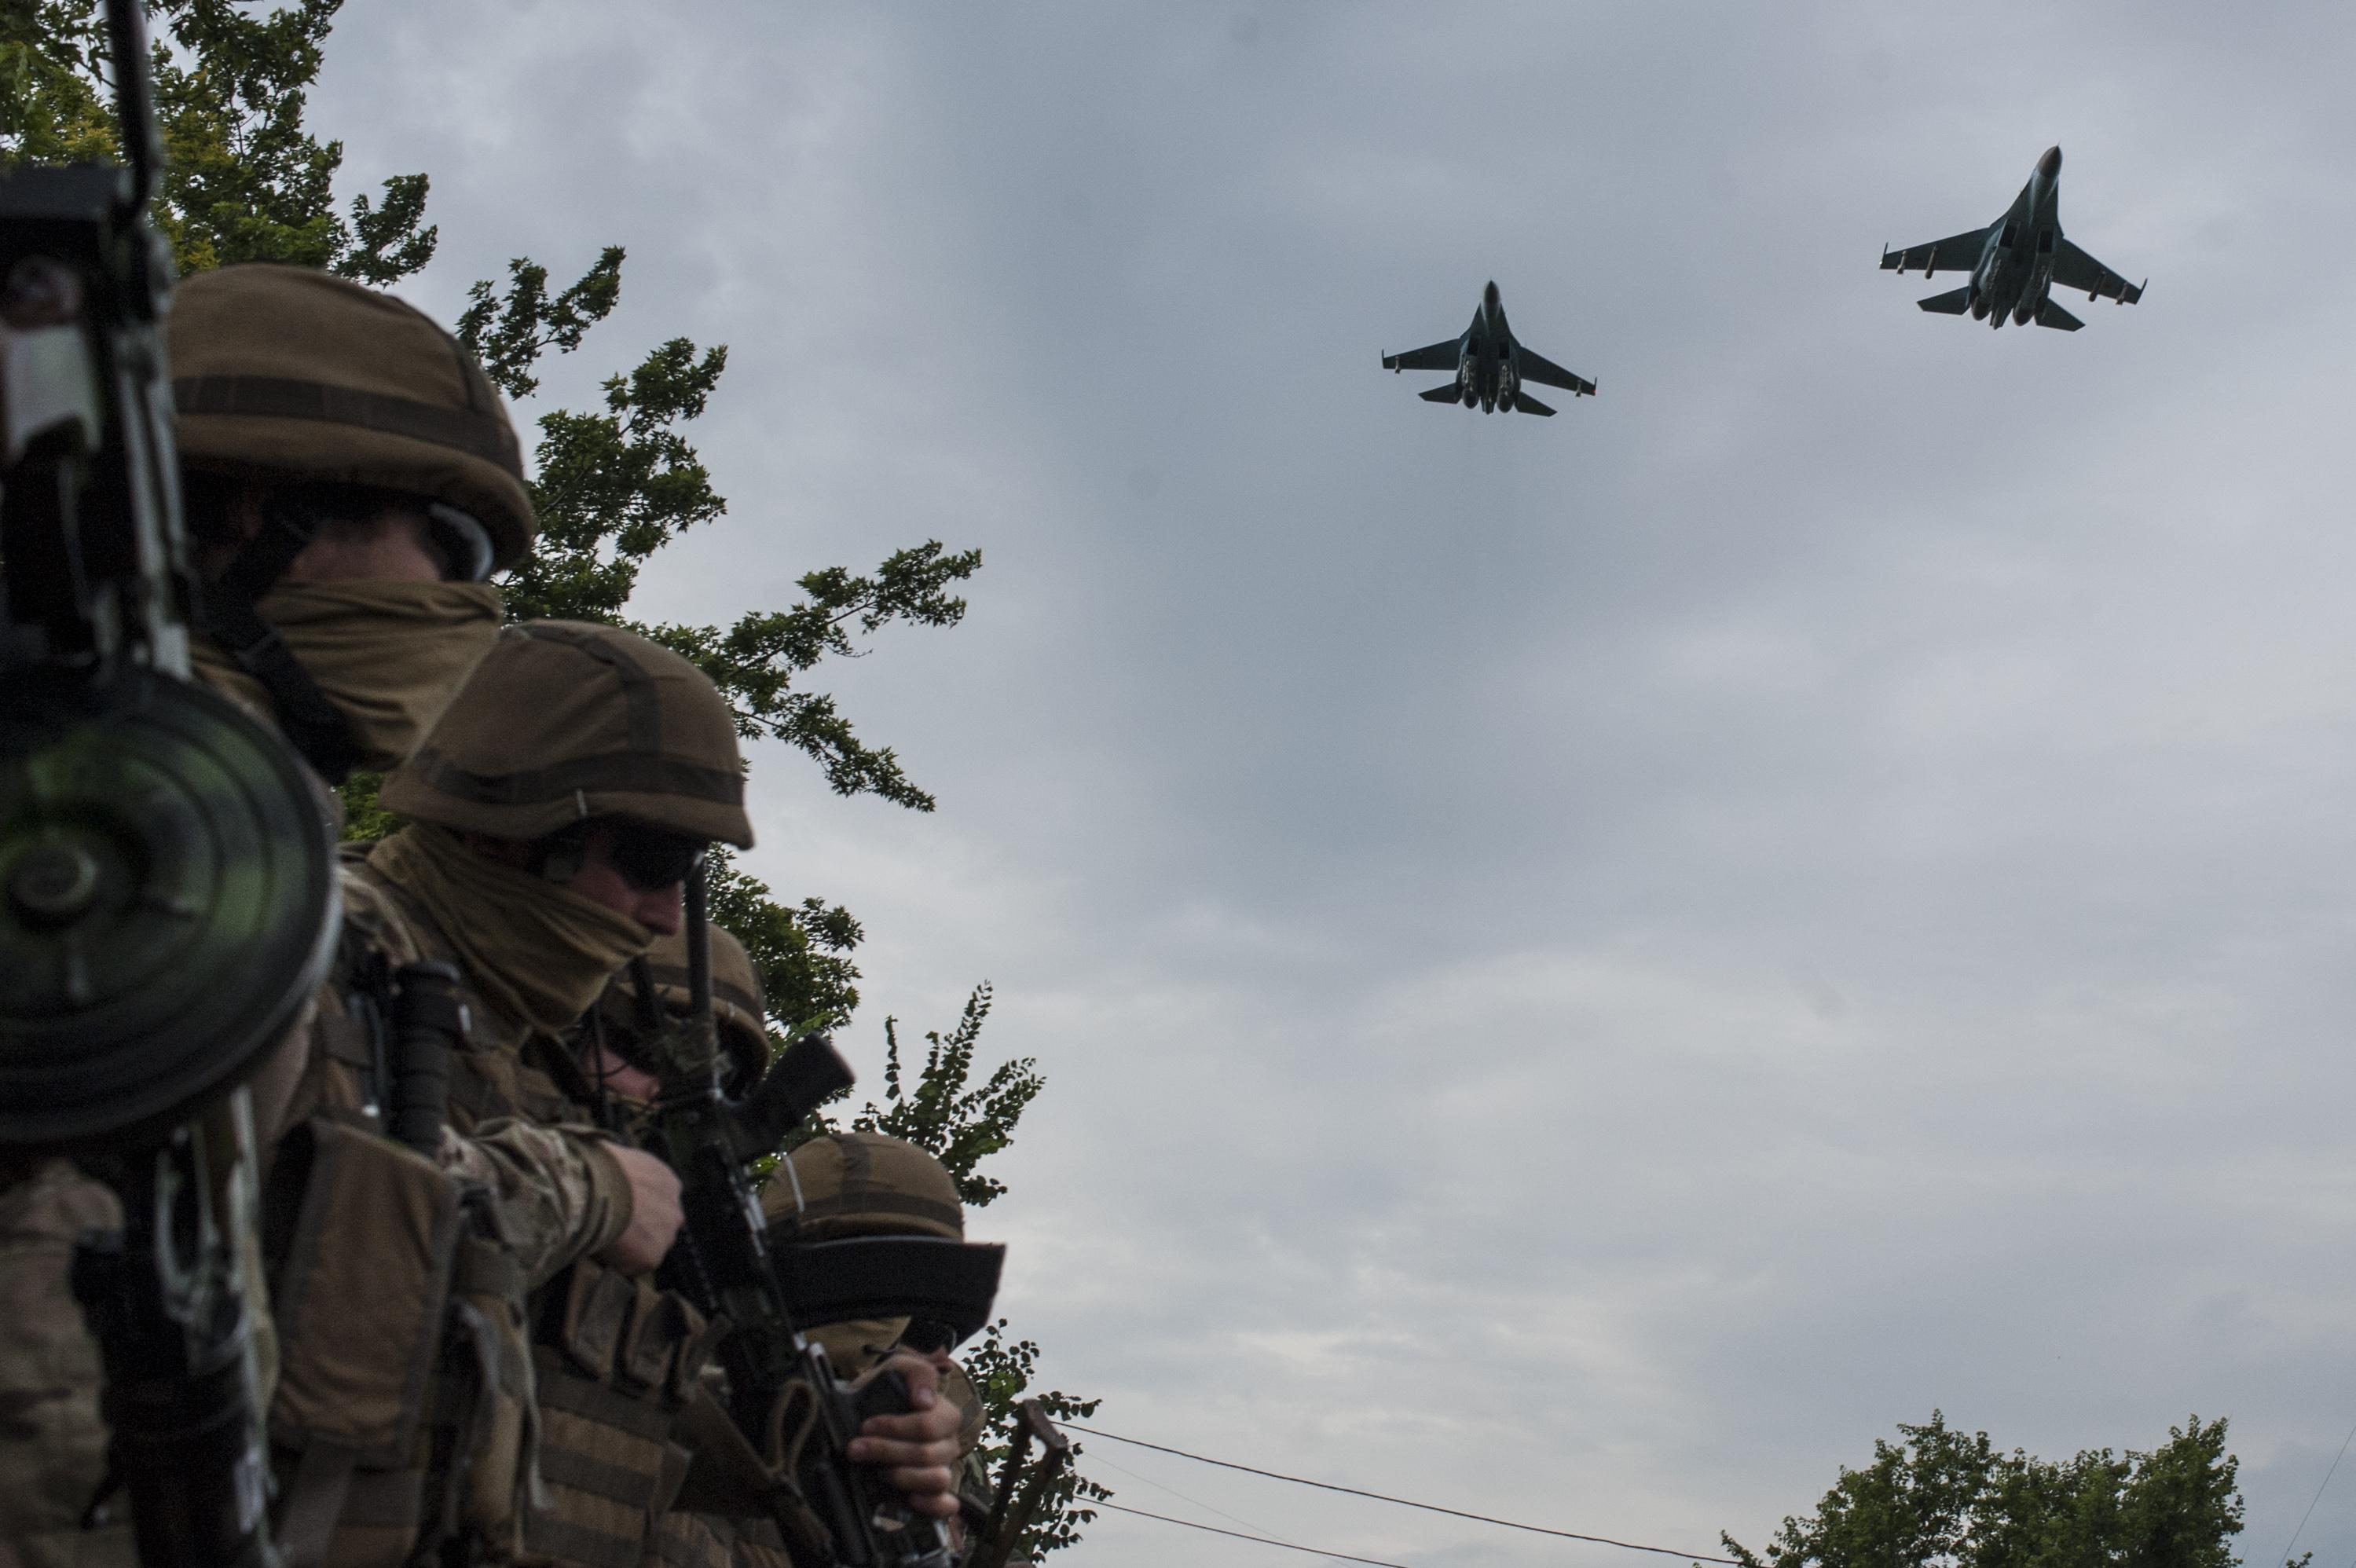 Ukrainian Army jets fly over the Ukrainian government military base while troops wait for Ukrainian President Petro Poroshenko's visit in Devhenke village, Kharkiv region, eastern Ukraine on July 8, 2014.